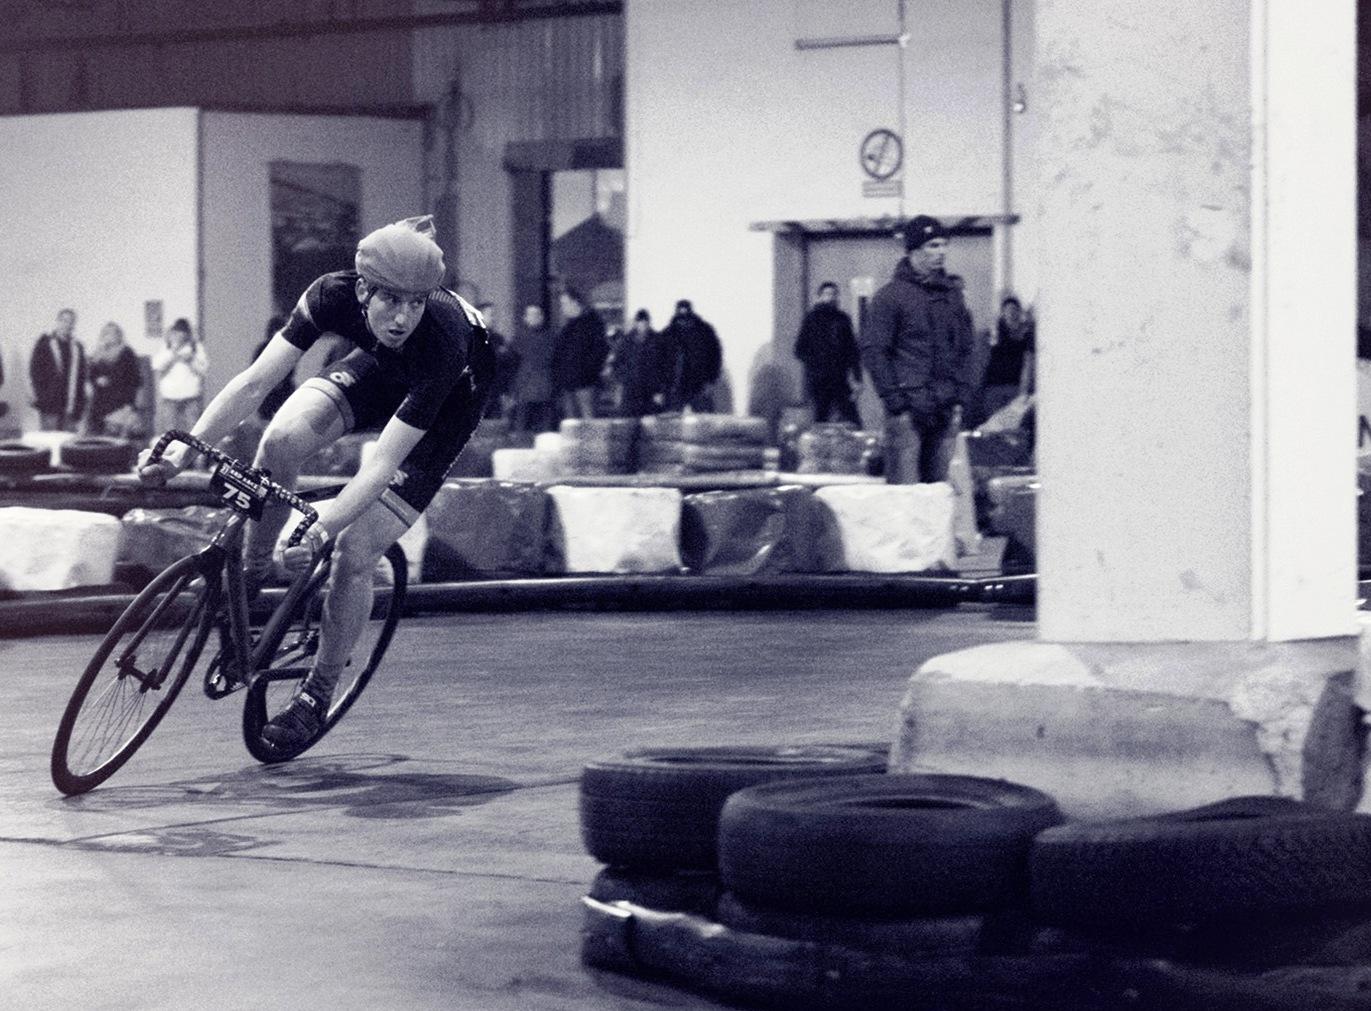 Schindelhauer-Gates team rider cornering